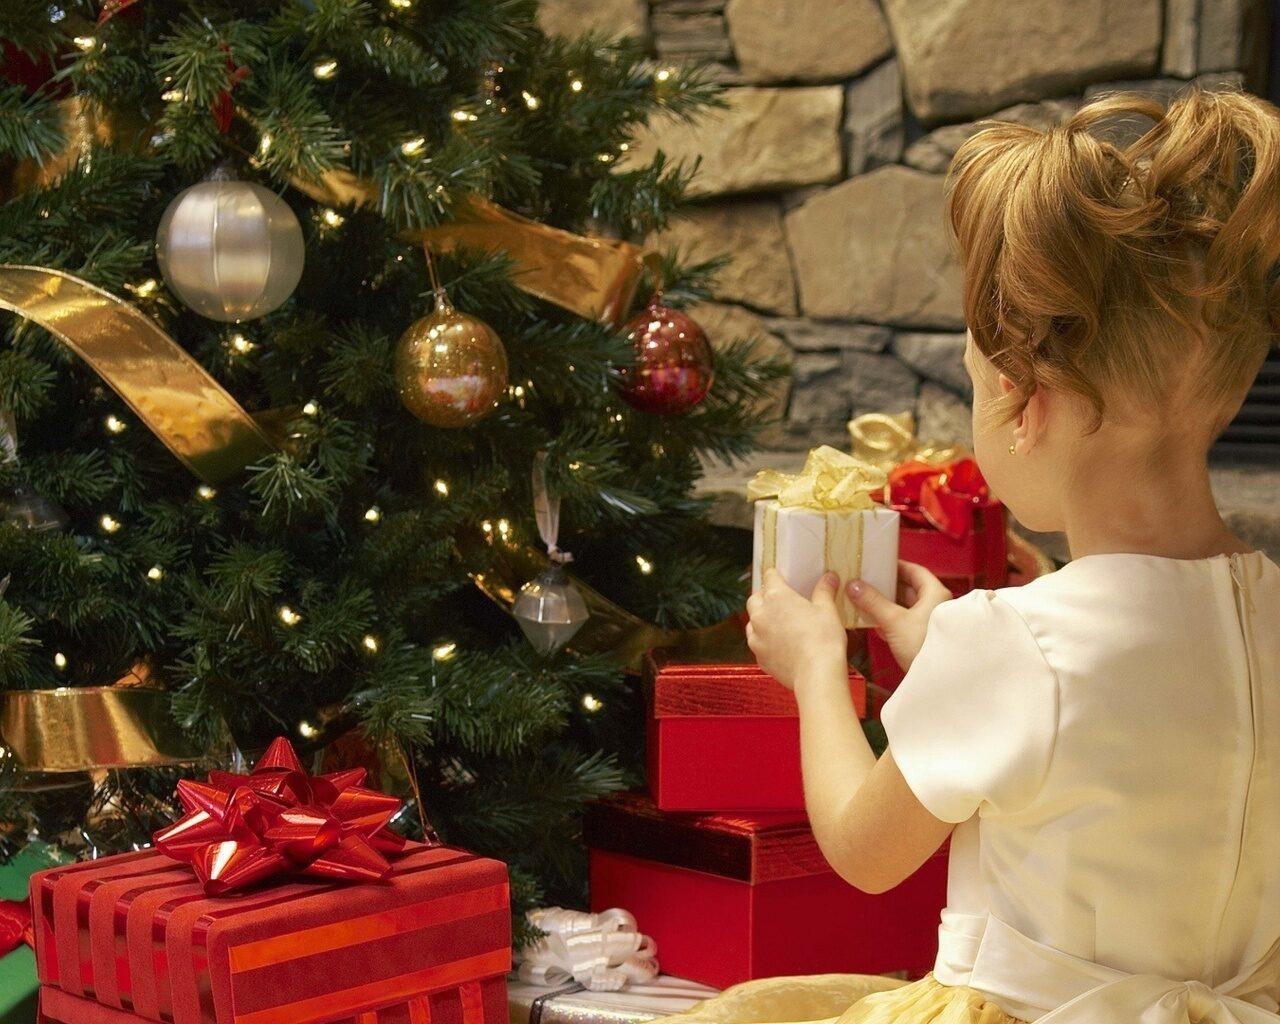 Комплексный Центр социального обслуживания населения Петровского района информирует, что с 20 октября по 5 декабря будет осуществляться приём заявлений на получение новогодних подарков для д